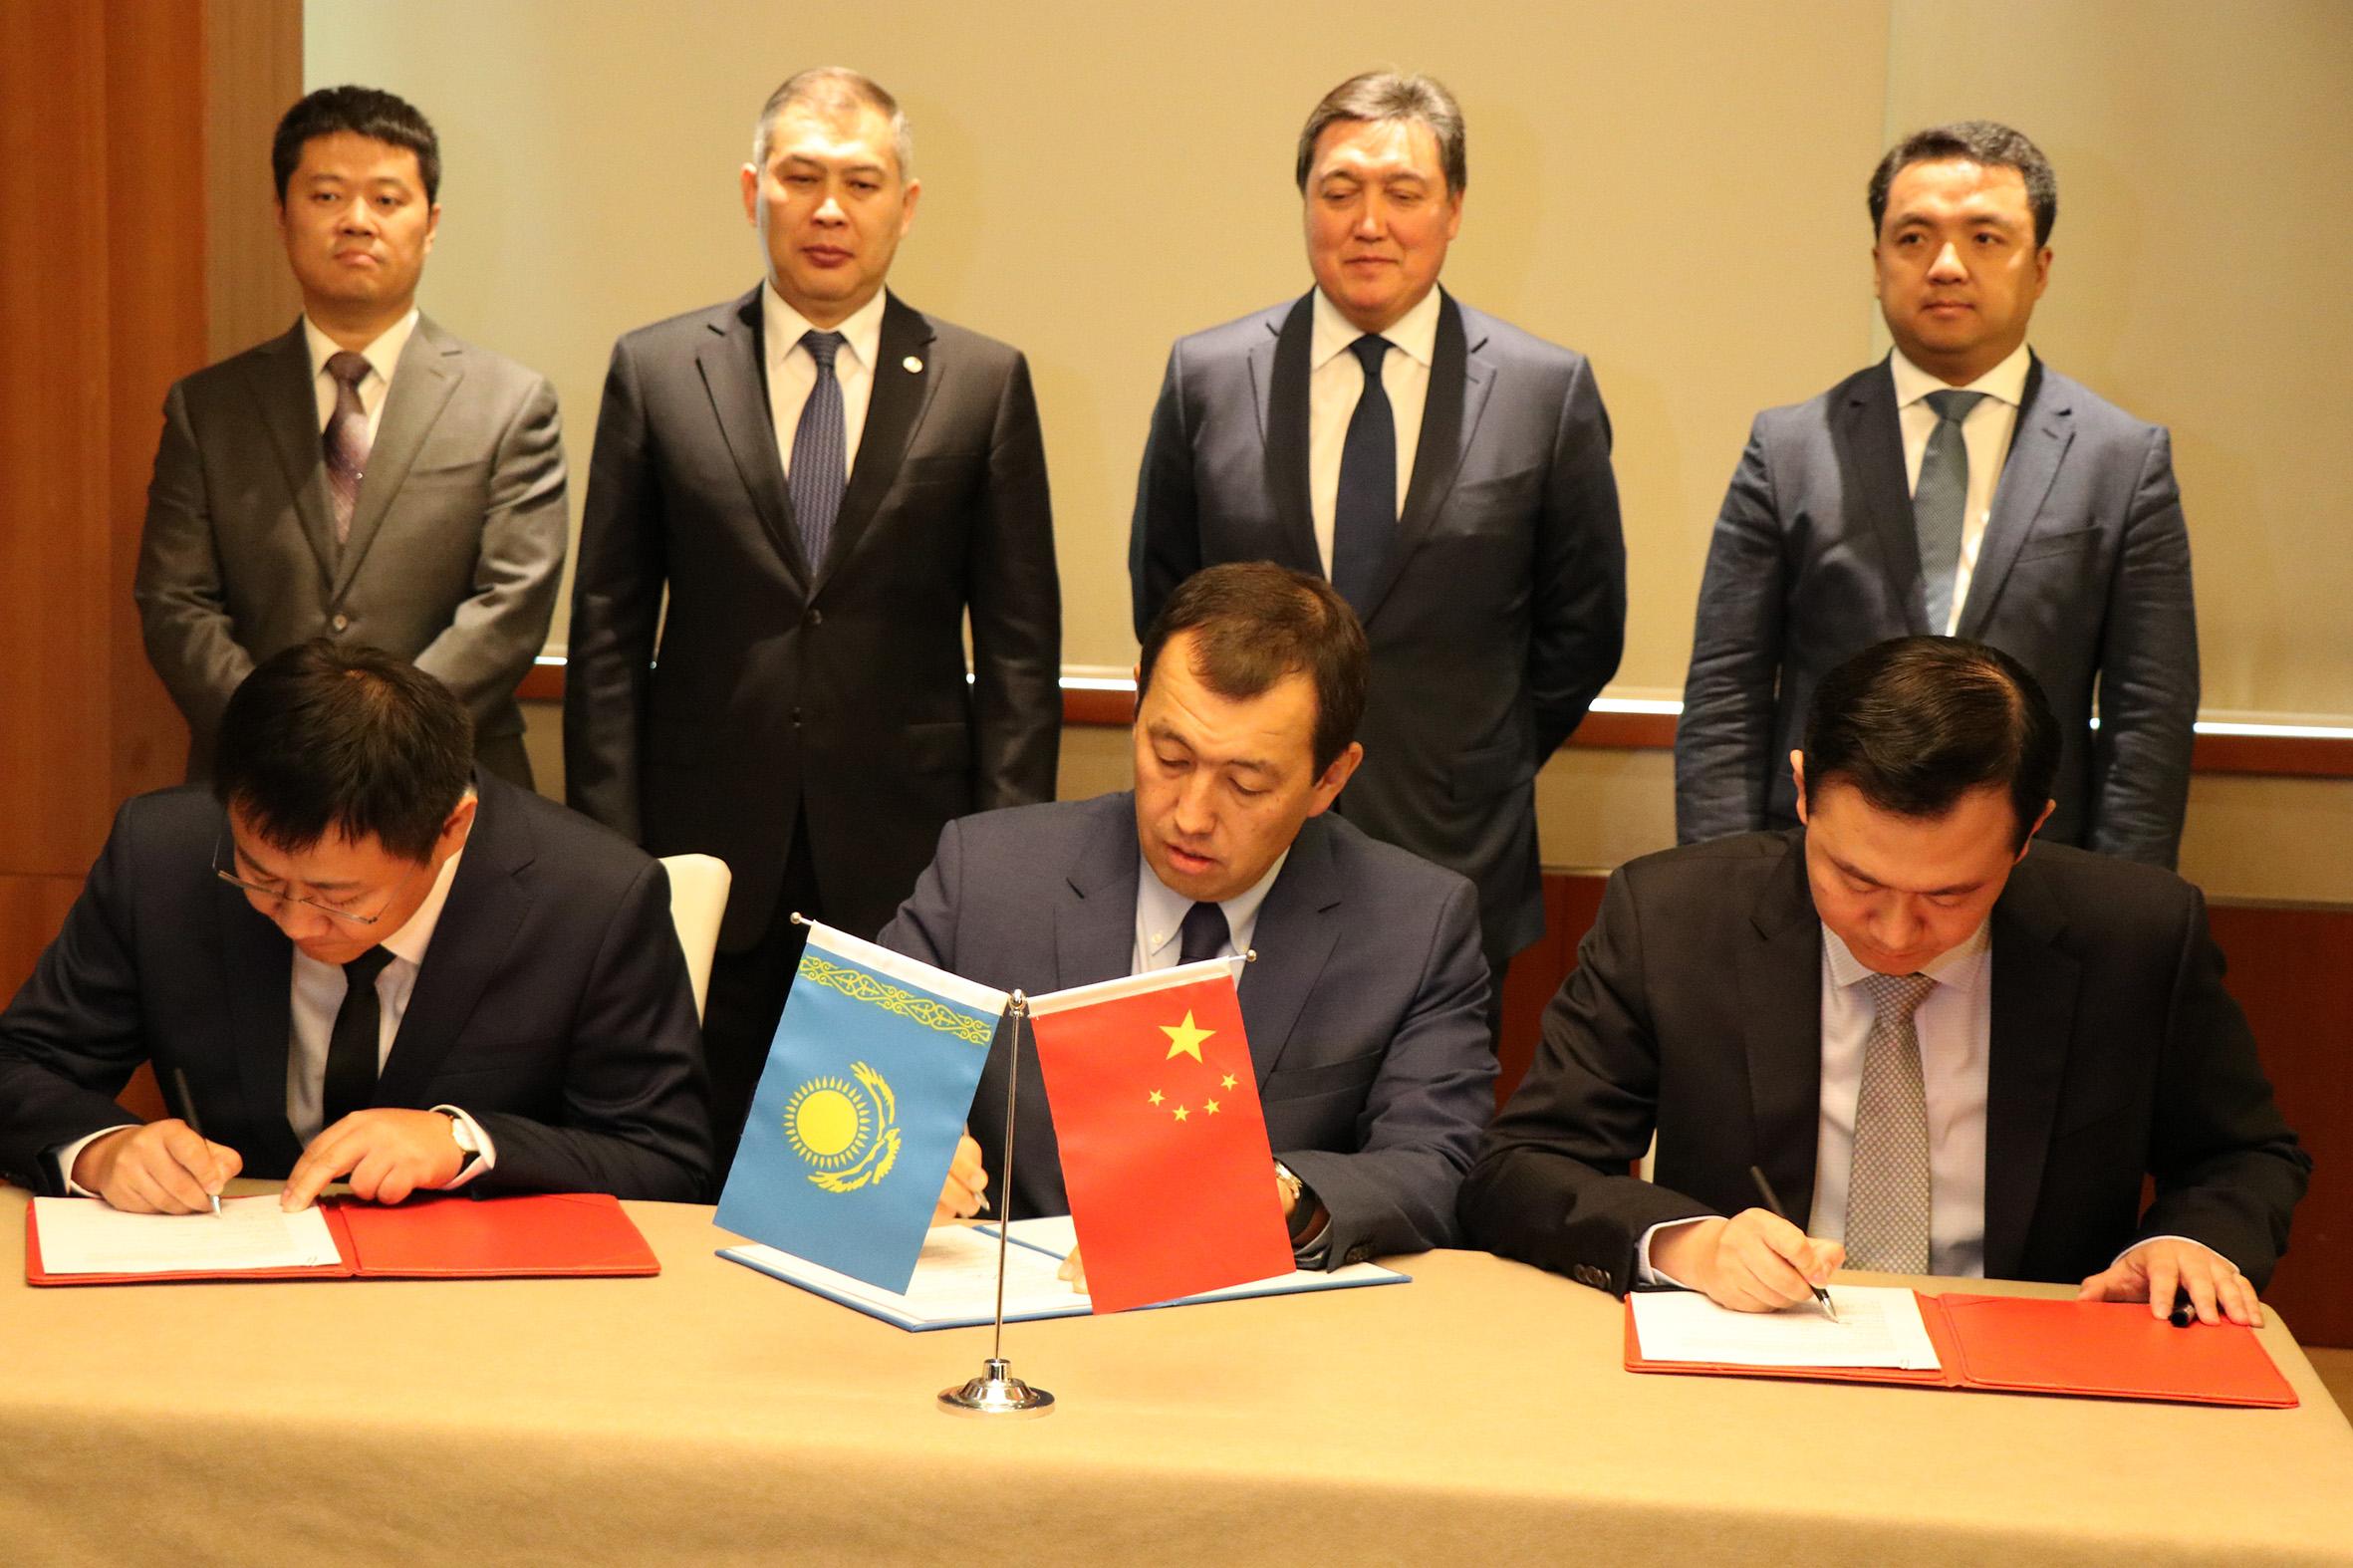 """""""КТЖ"""" будет развивать трансграничную электронную коммерцию совместно с китайскими компаниями, КТЖ, Электронная коммерция, Китай"""